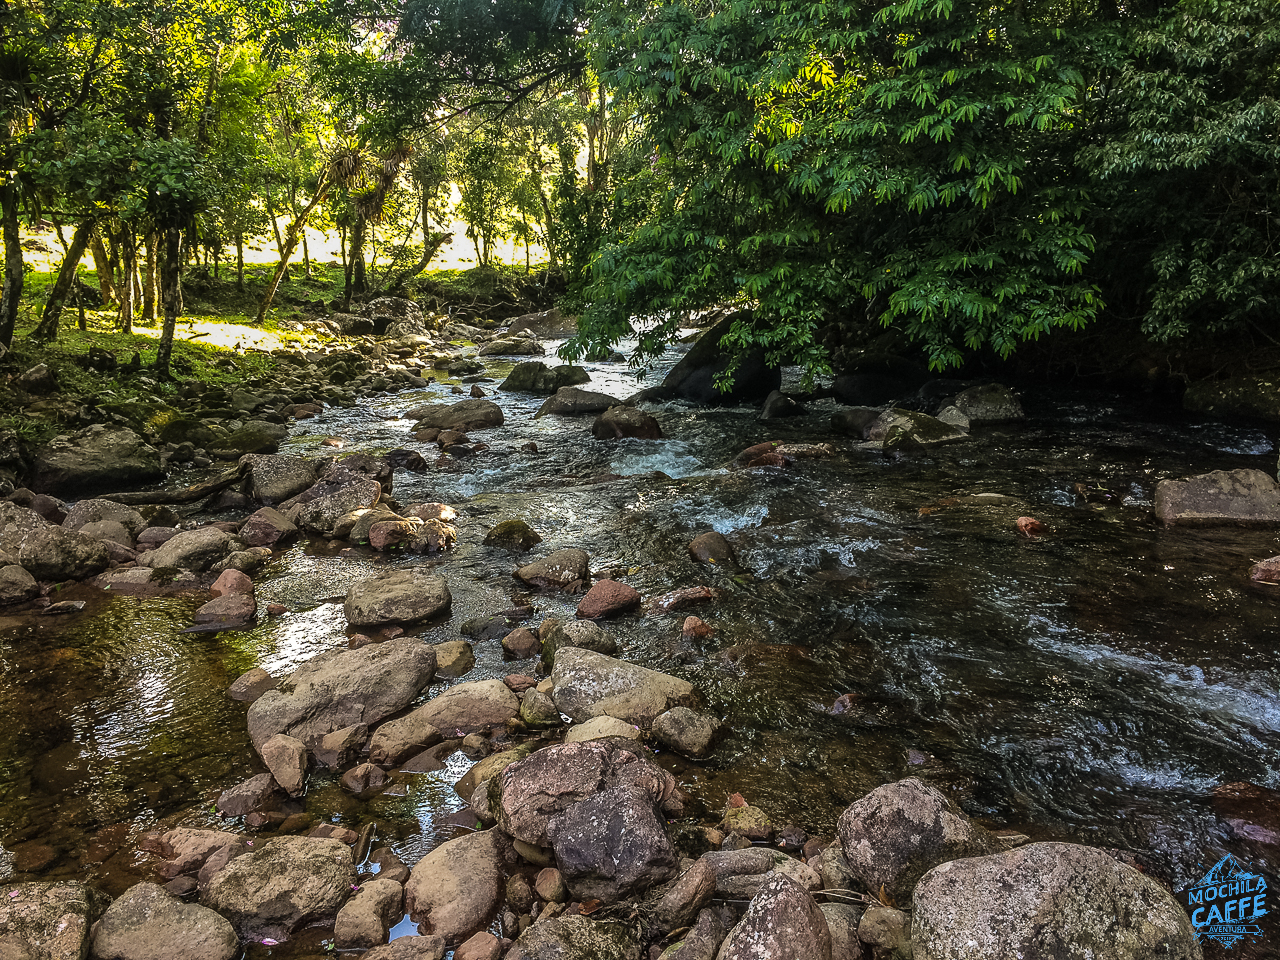 cachoeira do pilao 2016 mochilacaffe-2